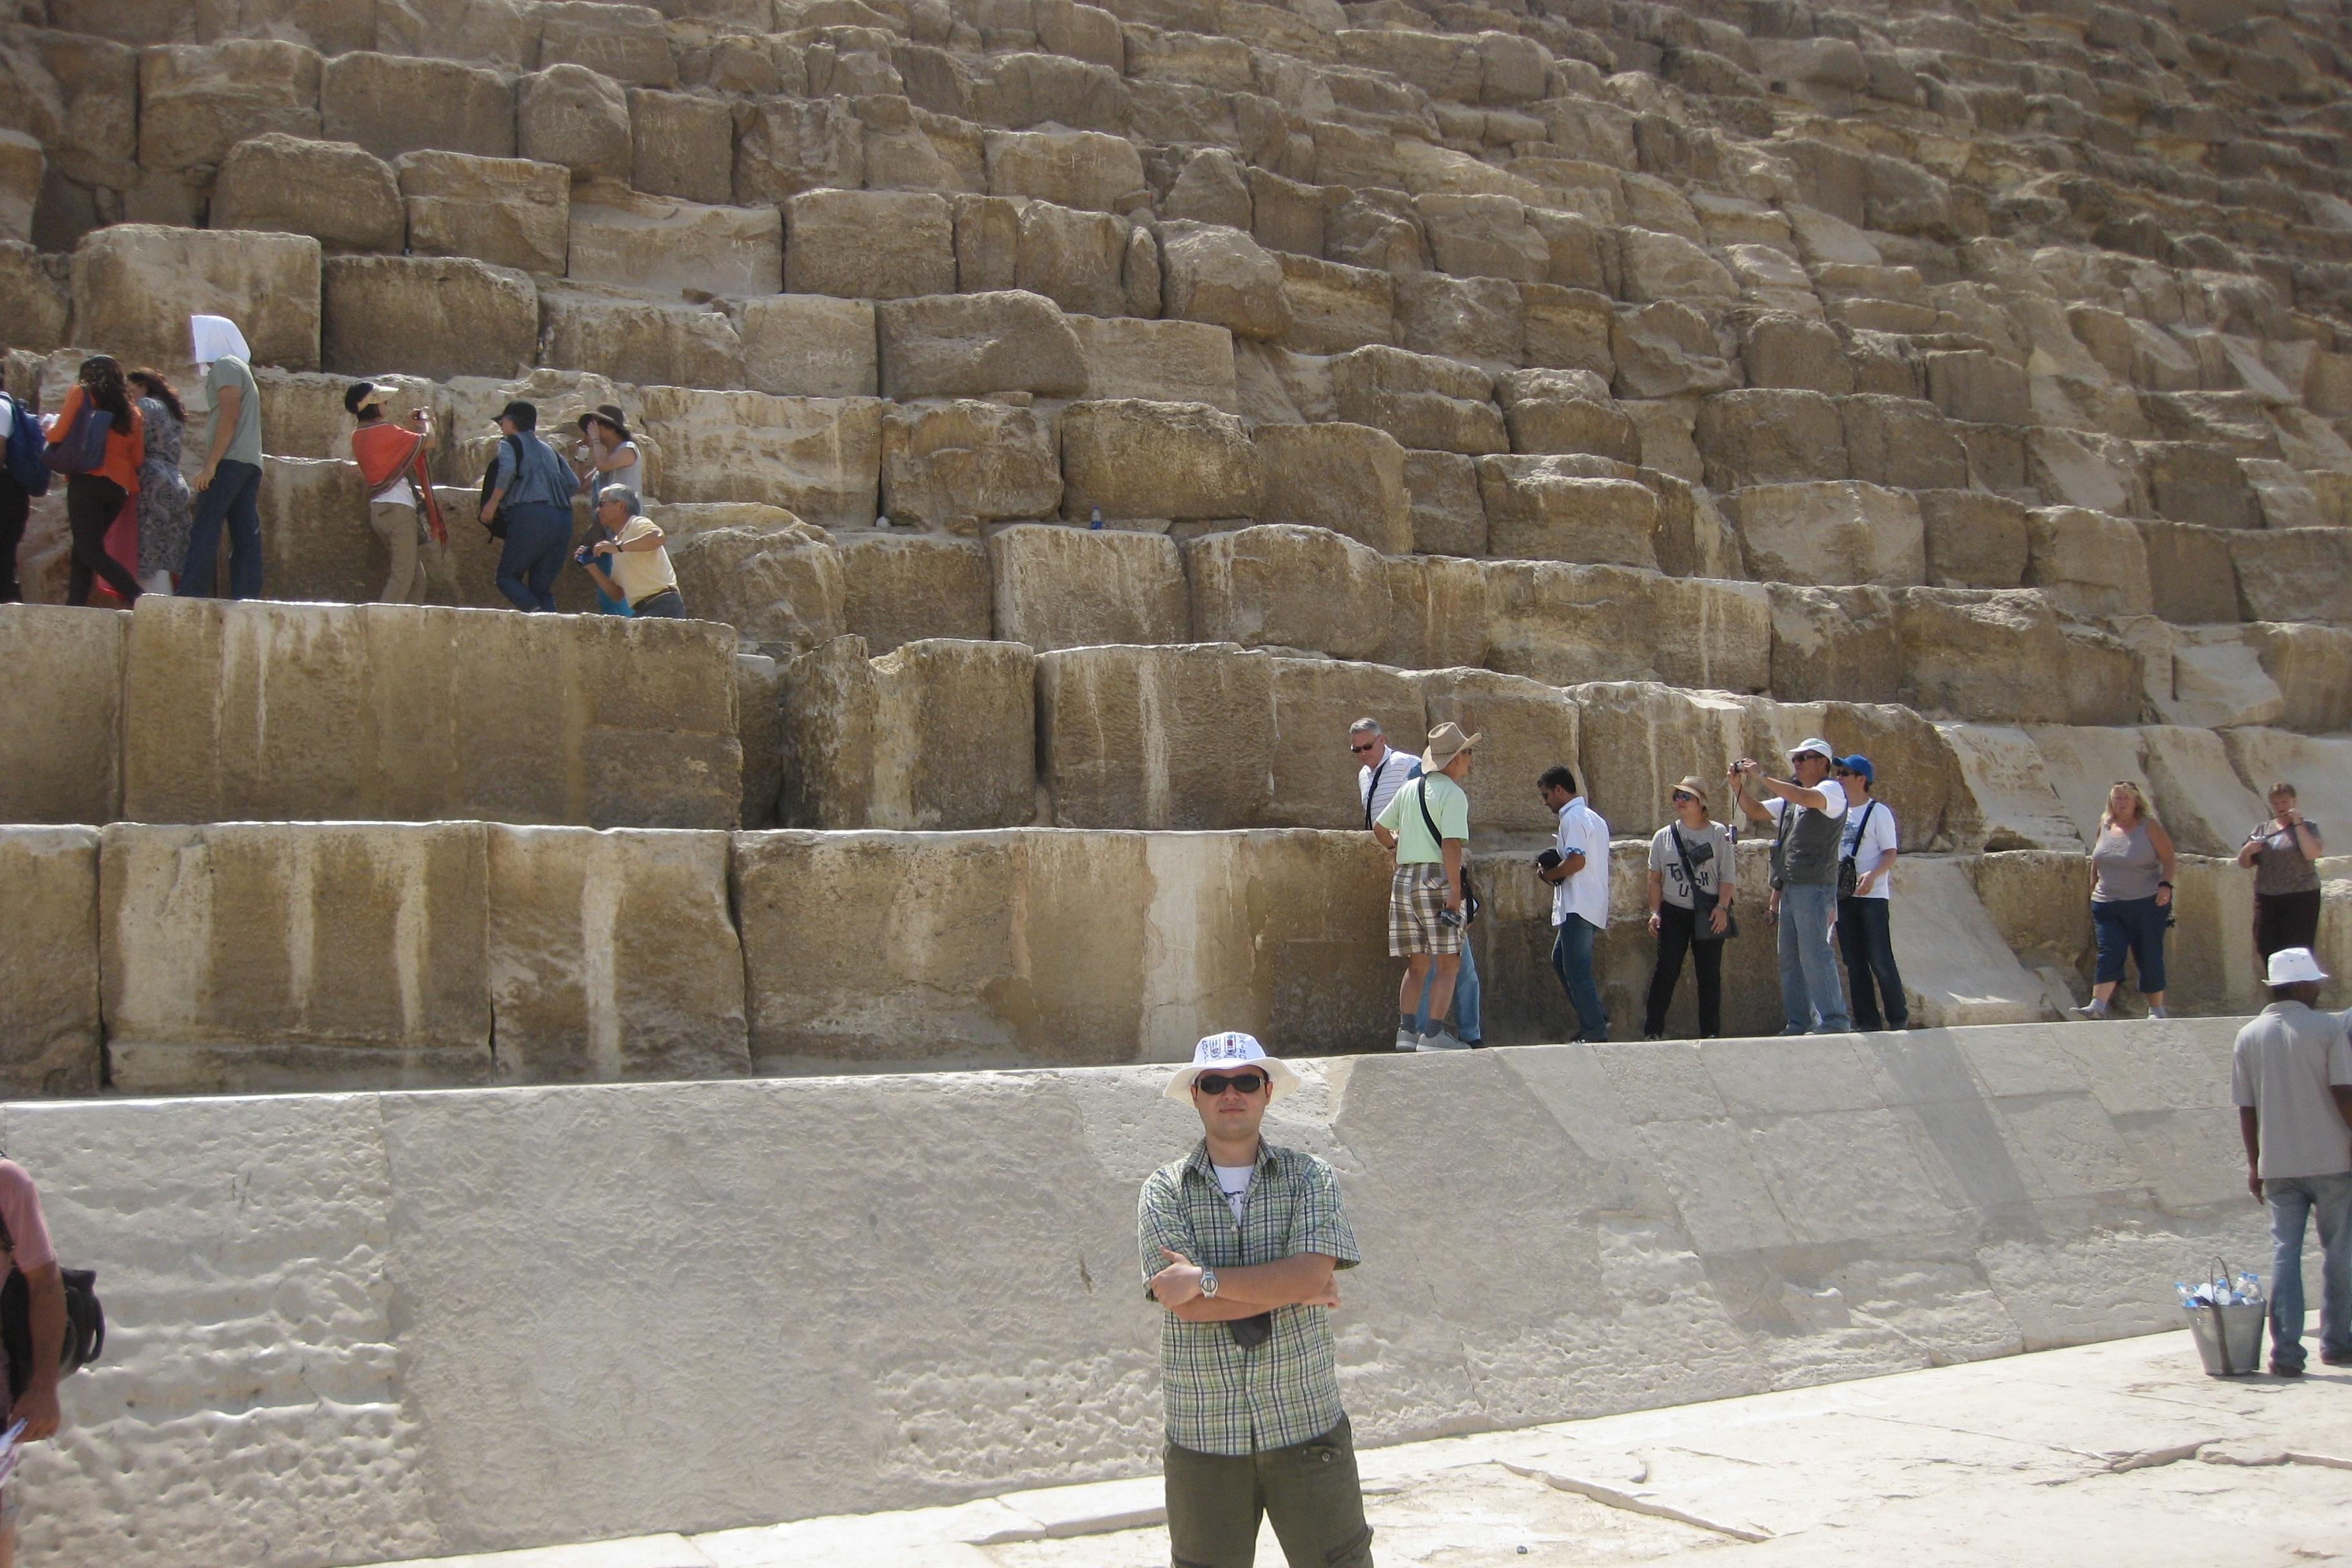 Görsel 8: Mısır ziyareti sırasında Gize'de Khufu Piramidi'nin önünde. Arkadaki insanlara bakarak blokların büyüklükleri konusunda bir fikir edinebilirsiniz.